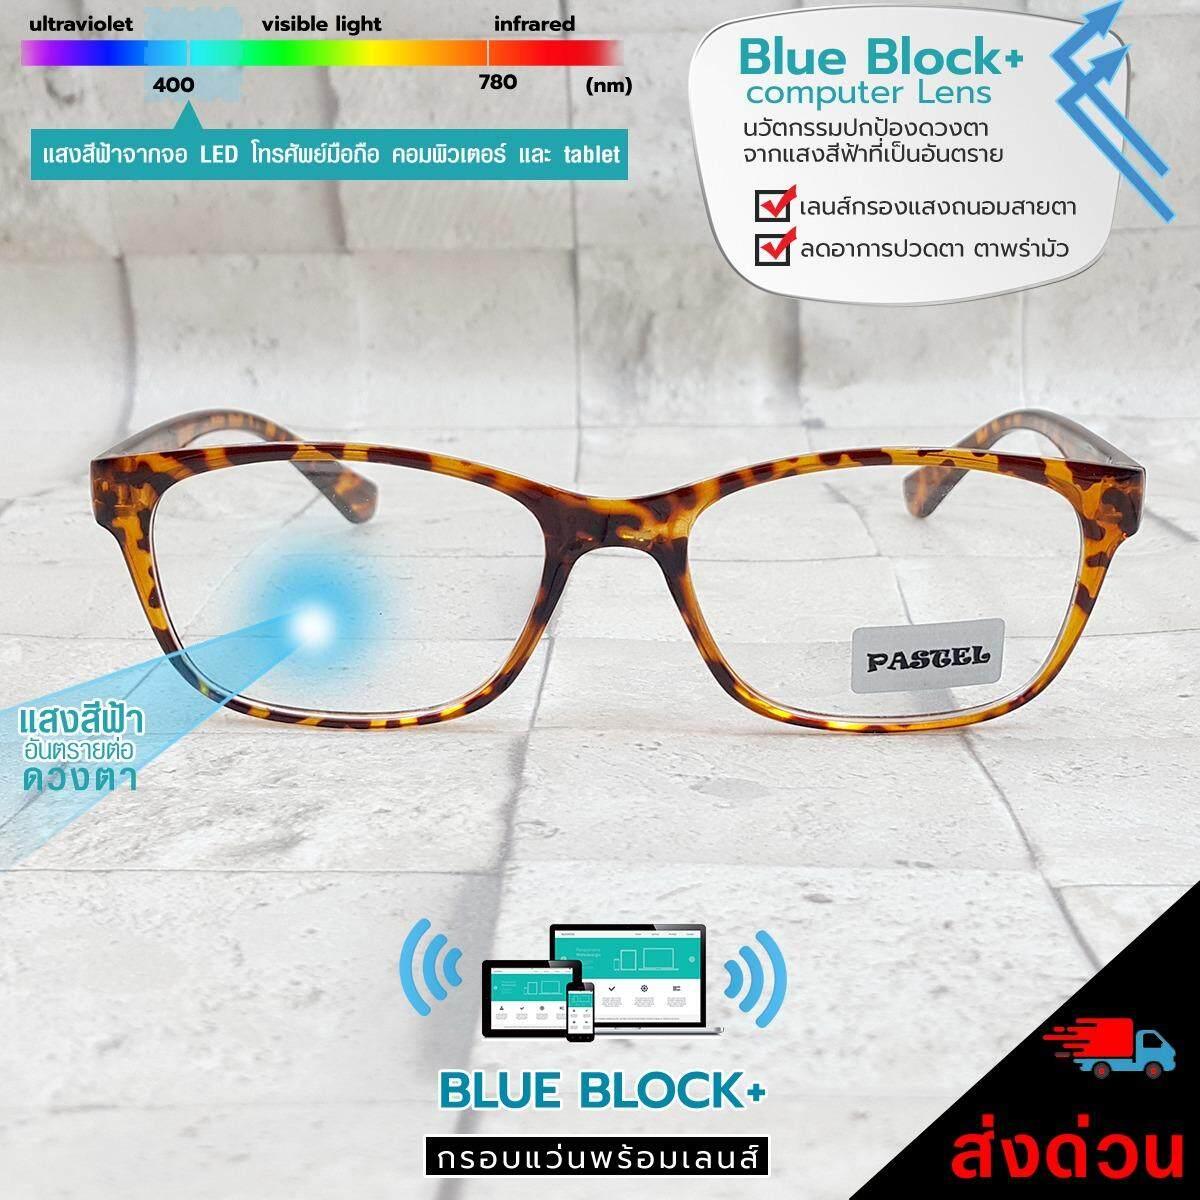 ราคา แว่นตากรองแสงบลู หน้าจอมือถือและคอมพิวเตอร์ ลดอาการแสบตา ยี่ห้อ Eyelucy รุ่น Blue Tt107 ด้วยเทคโนโลยีใหม่ล่าสุด Nano Blue Light Block Plus รู้สึกสบายตาทันที ตั้งแต่ใส่ครั้งแรก ที่สุด